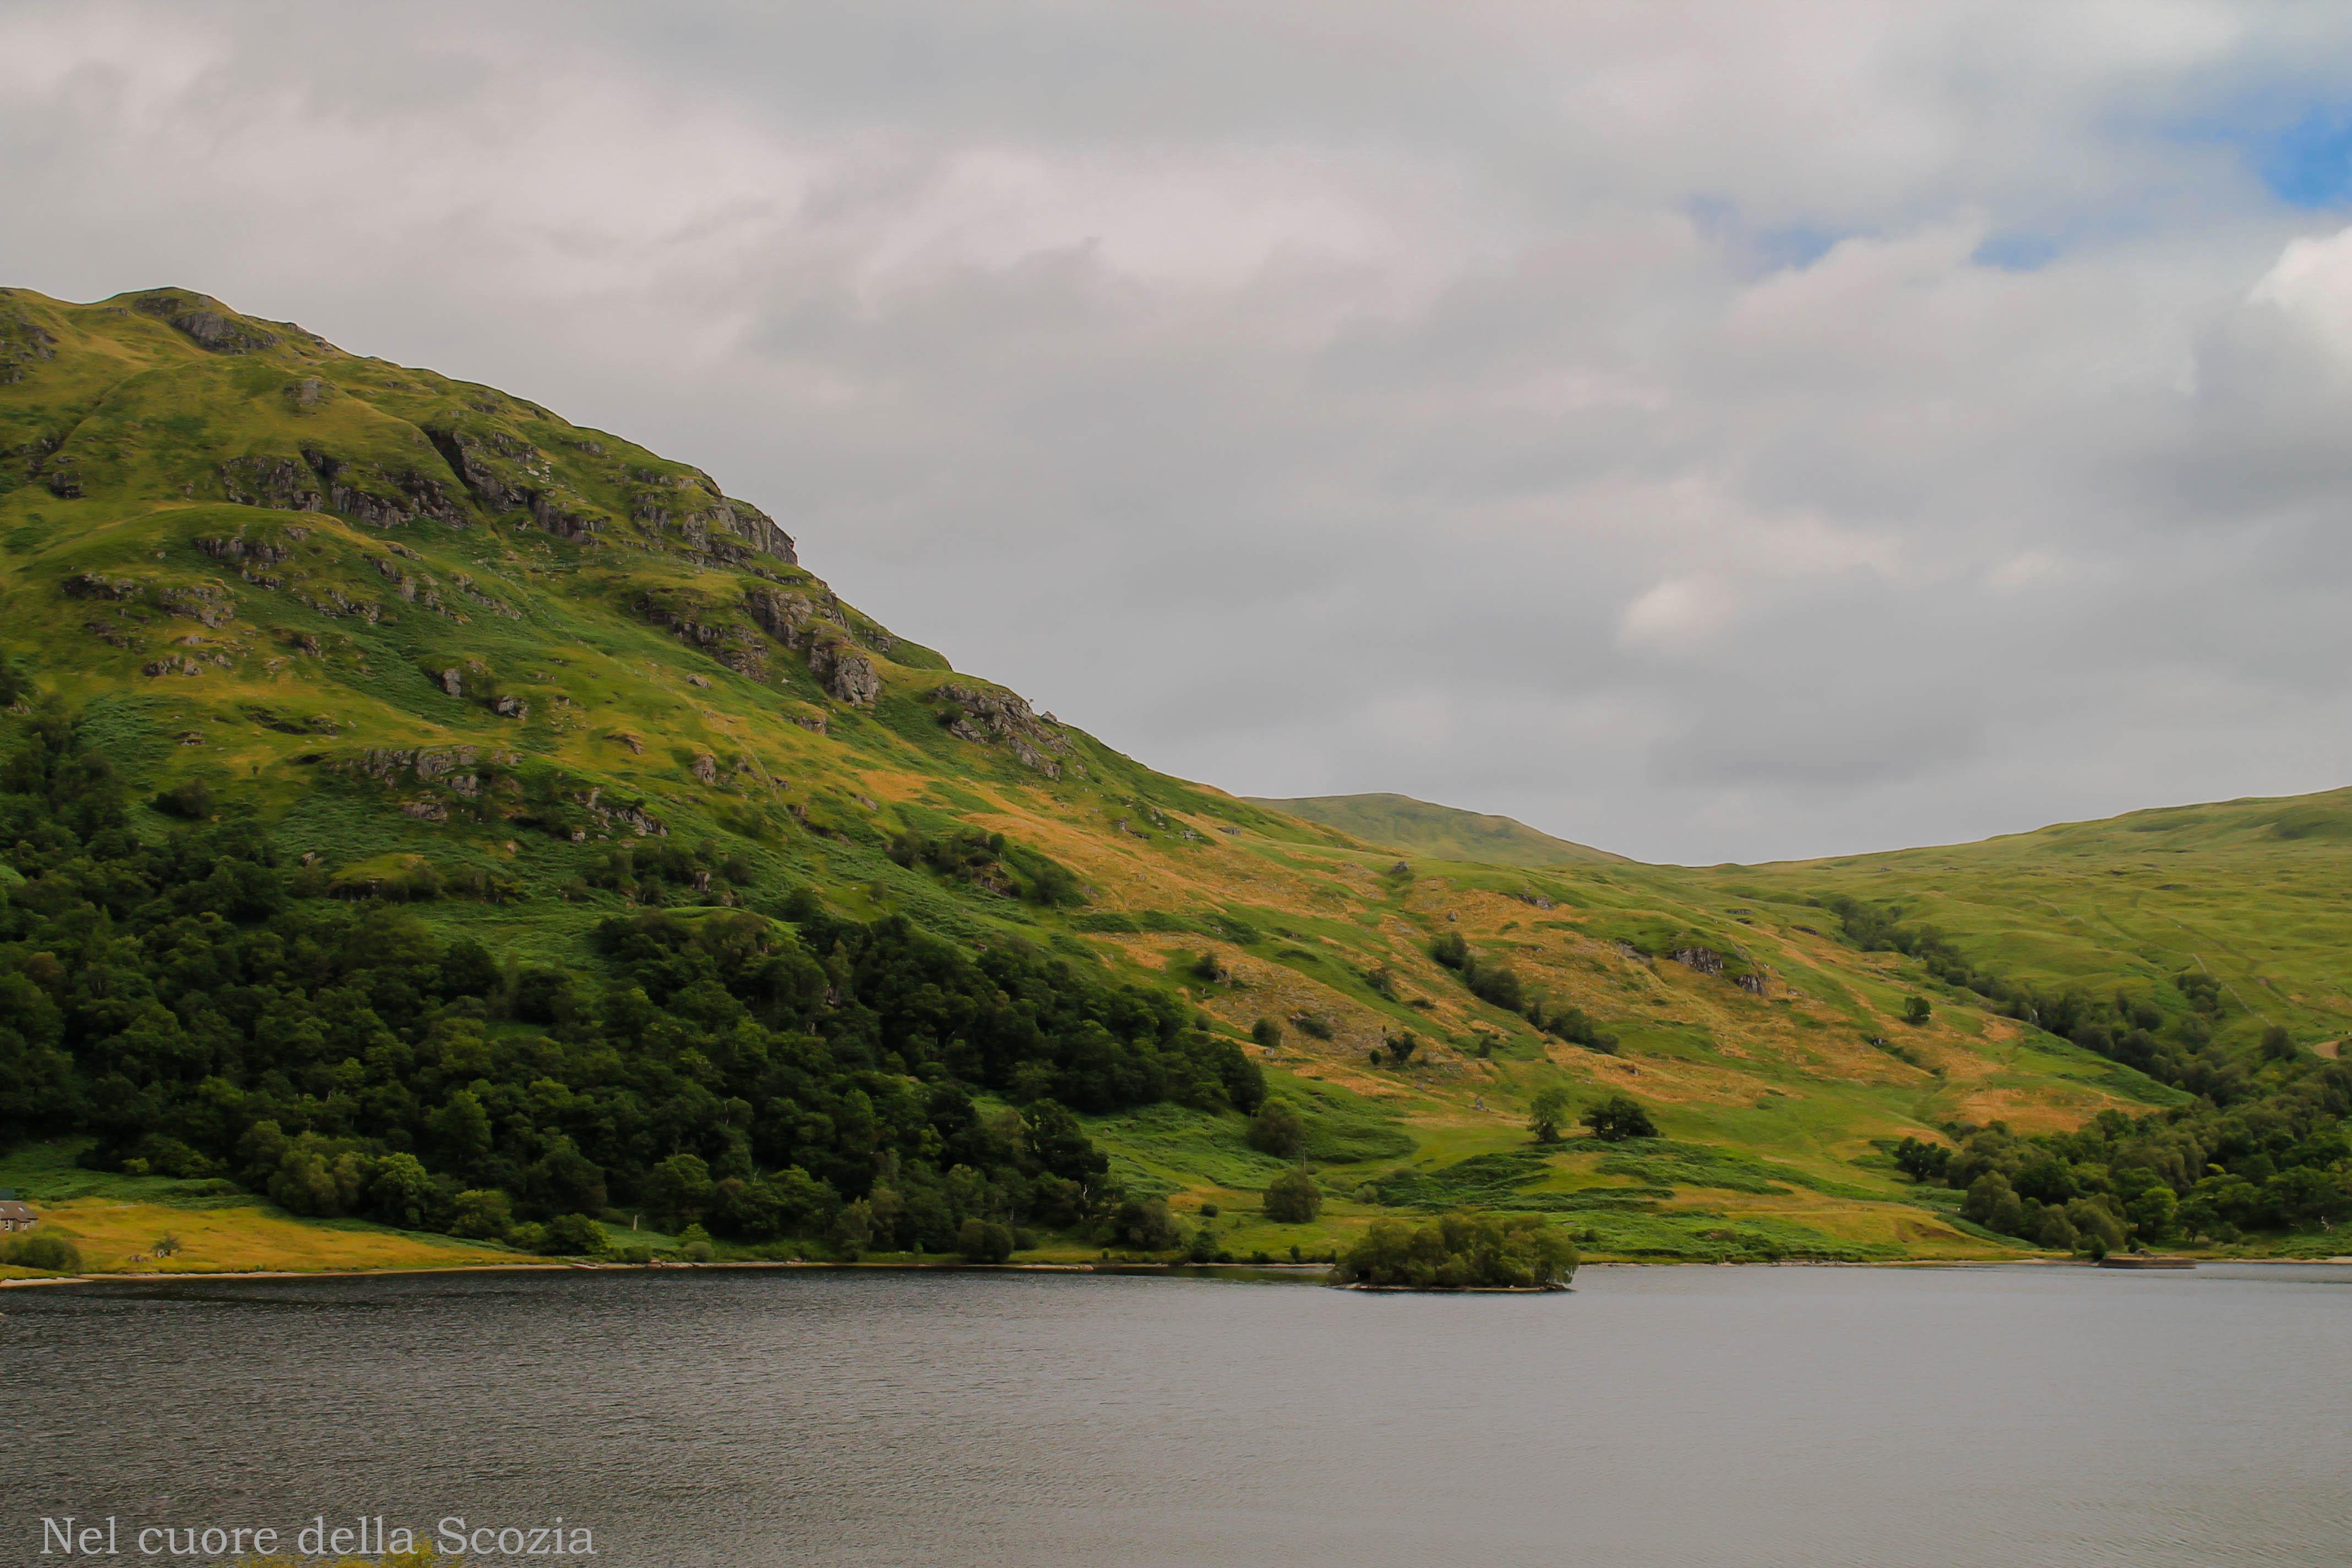 Foto 3 (Loch Katrine)